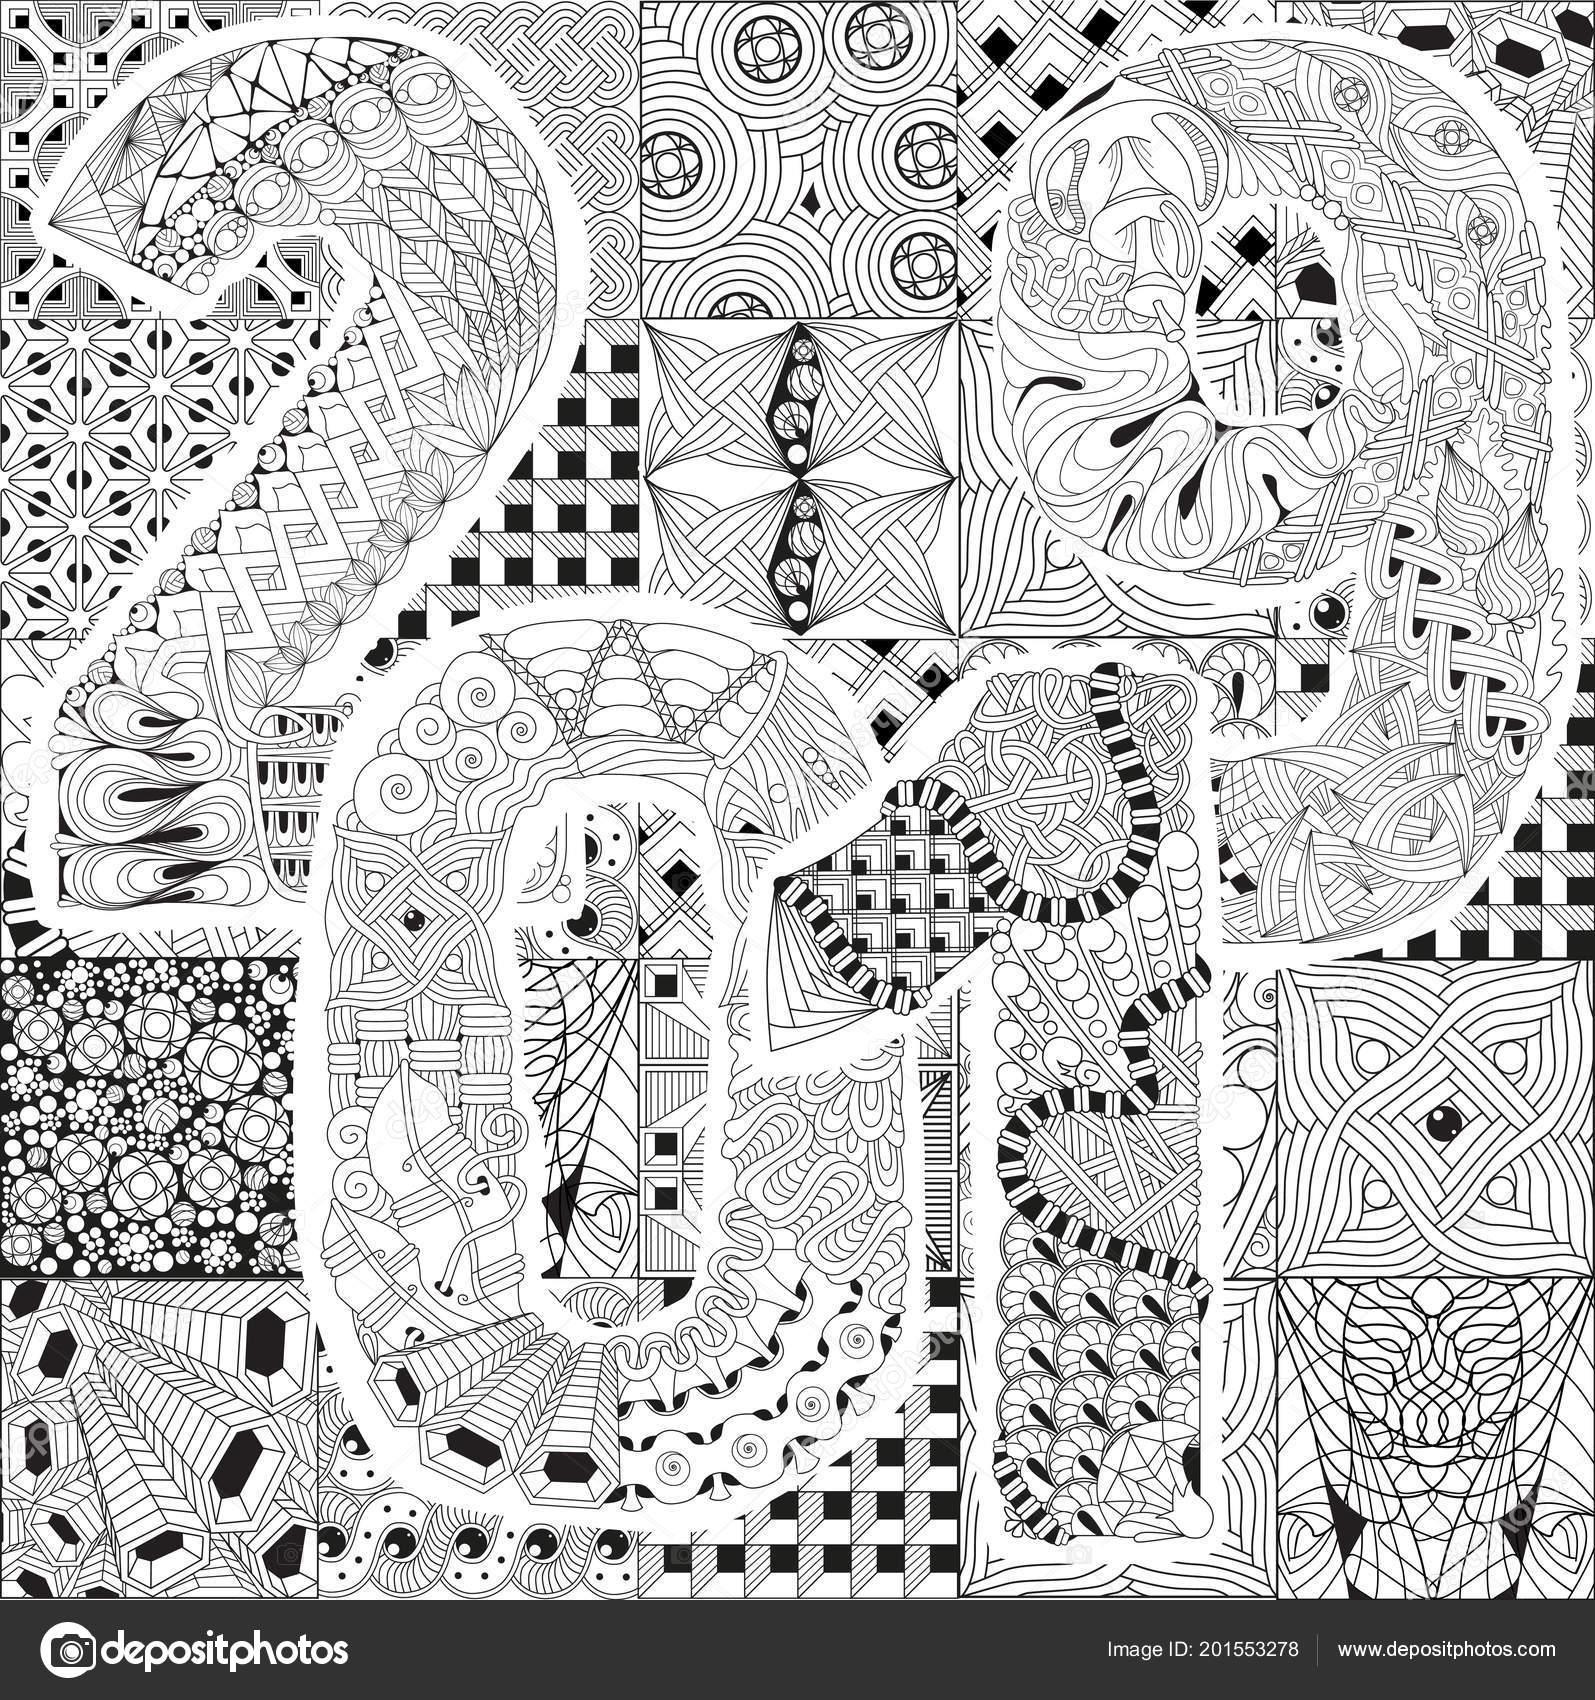 Vektör Yetişkin Renklendirme Kitap Dokular Yapımı Sanat Tasarım